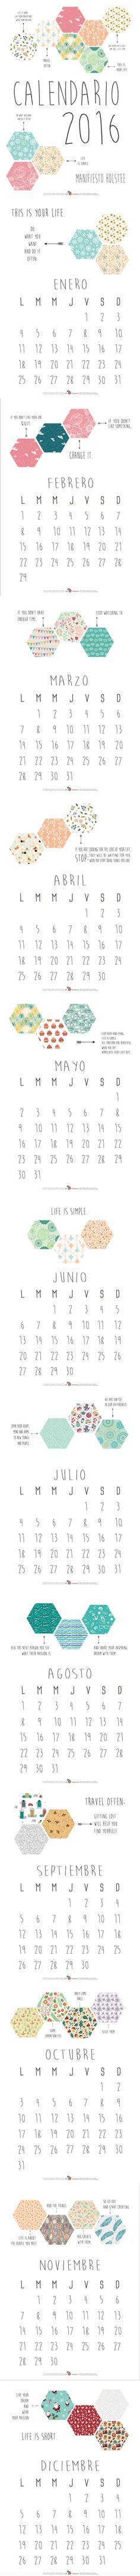 Descargable gratuito Calendario 2016, con una hoja por mes y mensajes del manifiesto Holstee. Porque la vida solo se vive una vez. Sé feliz